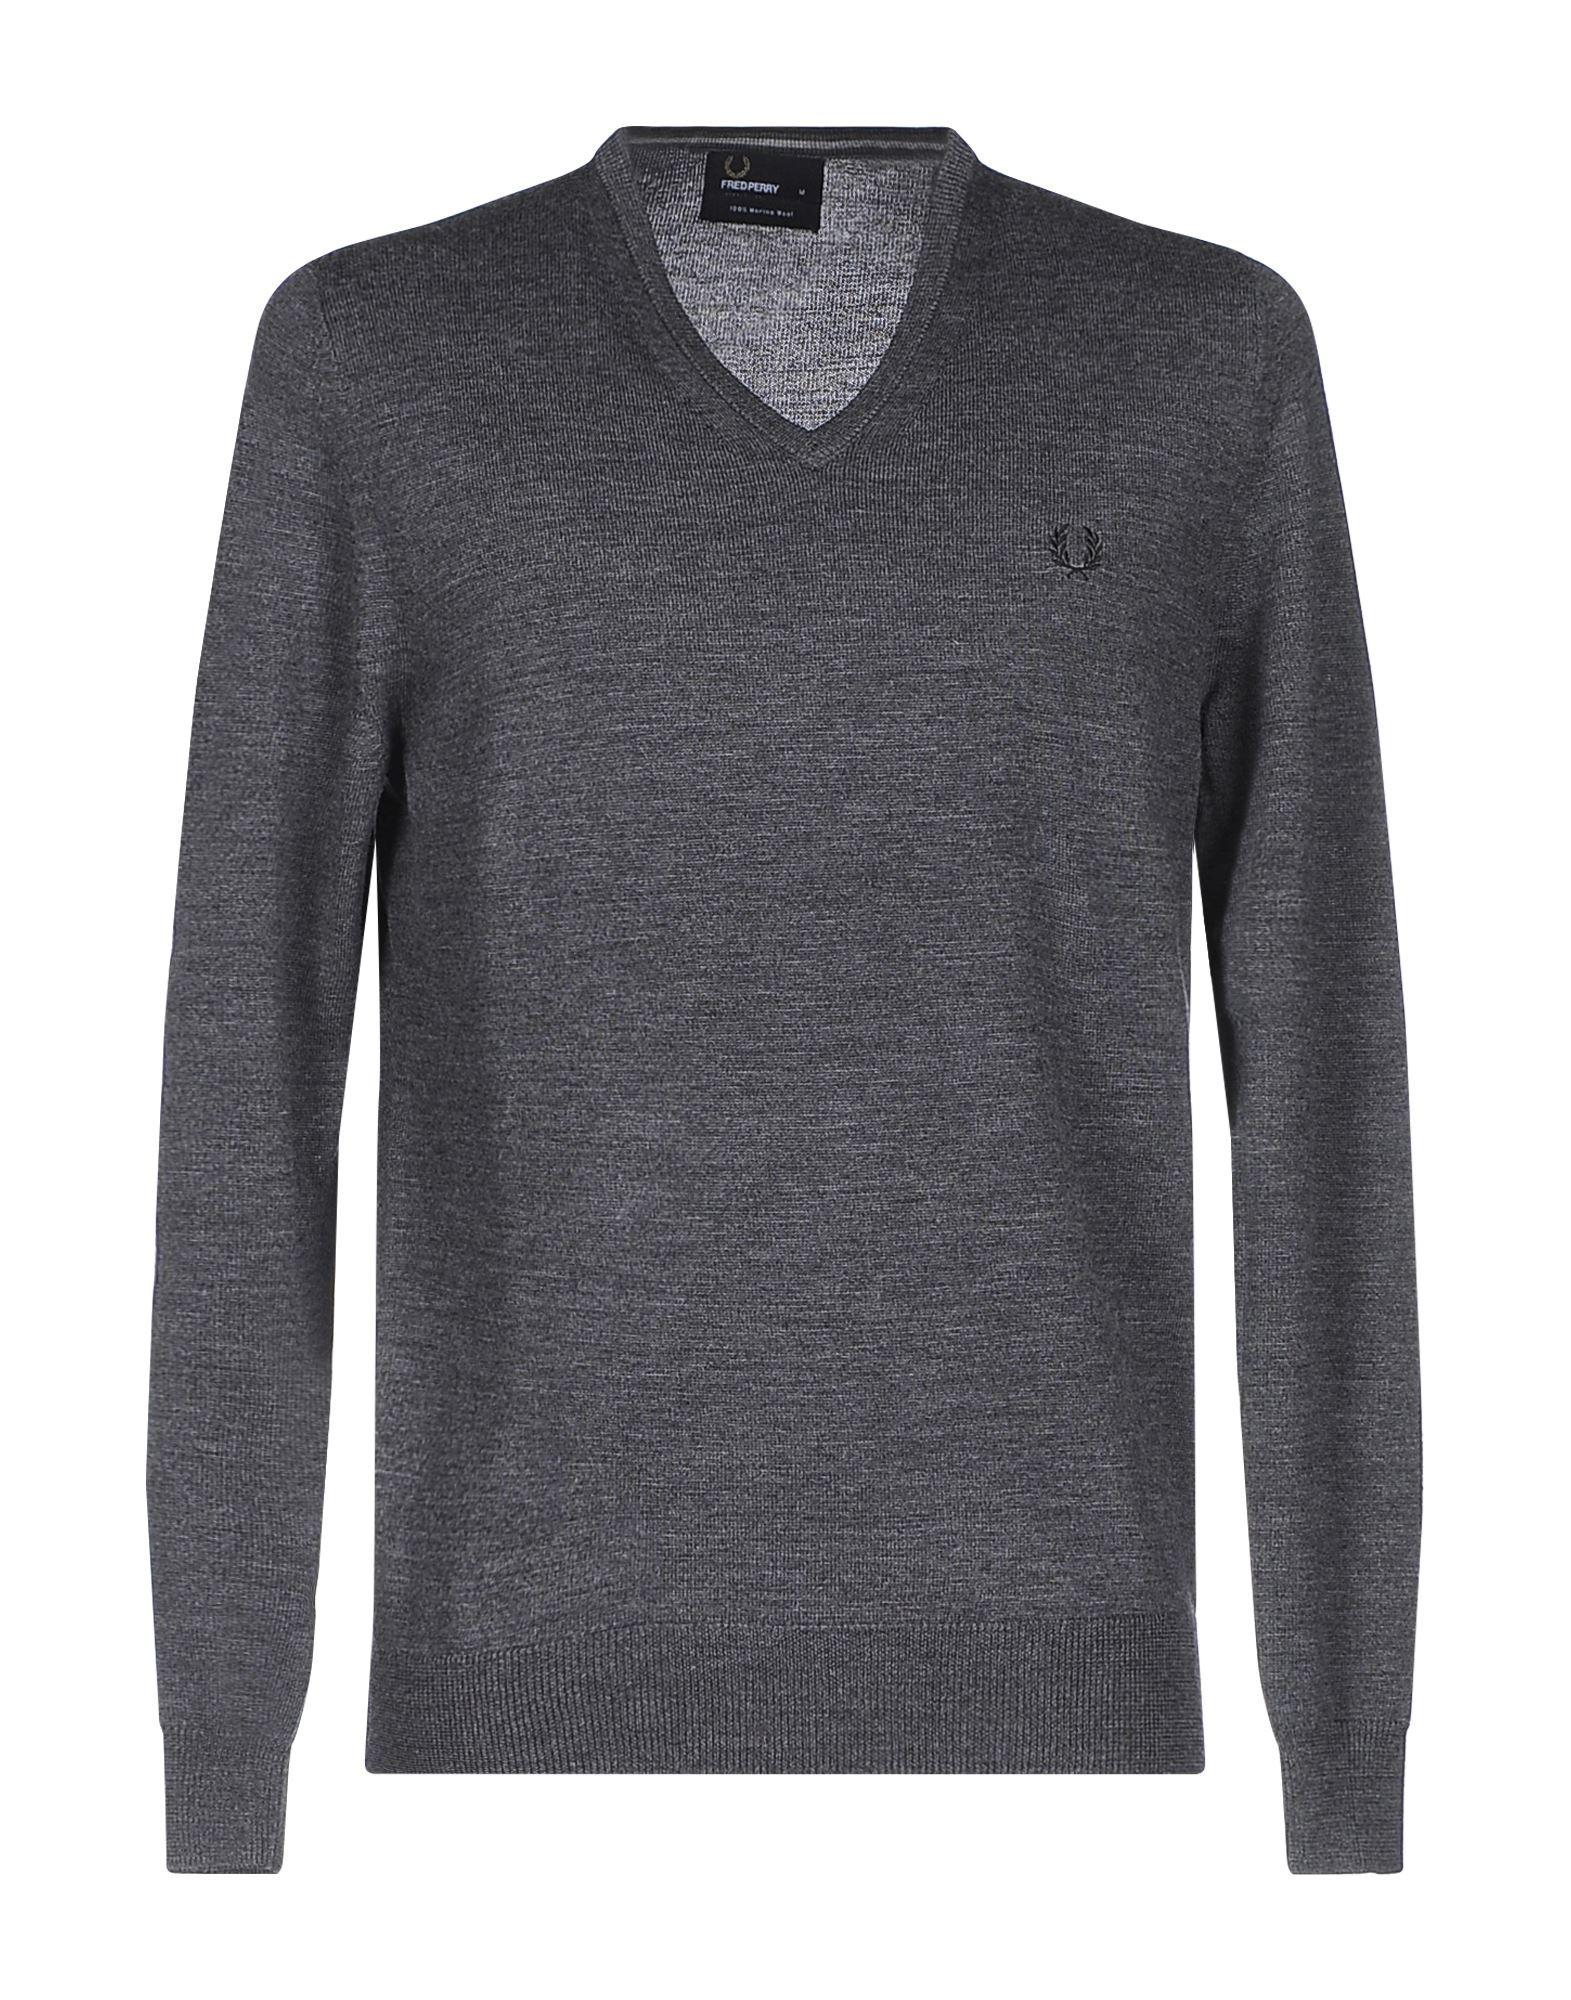 Pullover Pullover Pullover Frosso Perry Uomo - 39684972BU e997e0